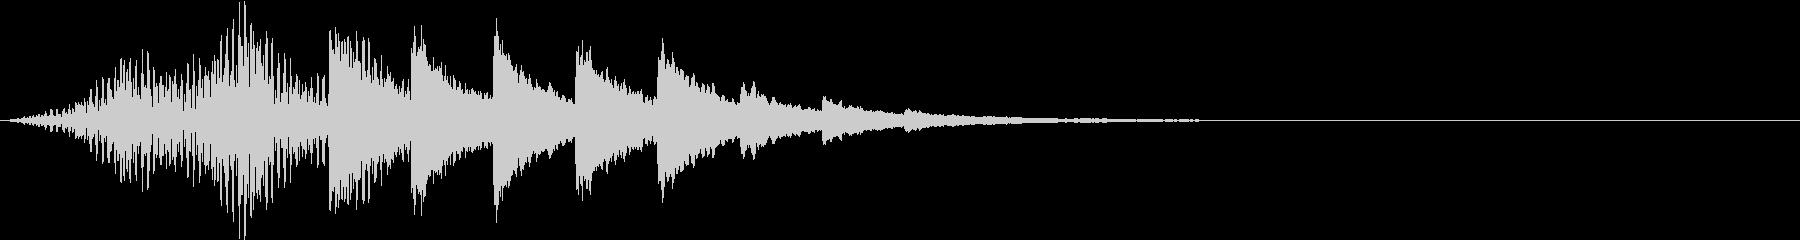 暮らしの音 入店 ベル コンビニの未再生の波形